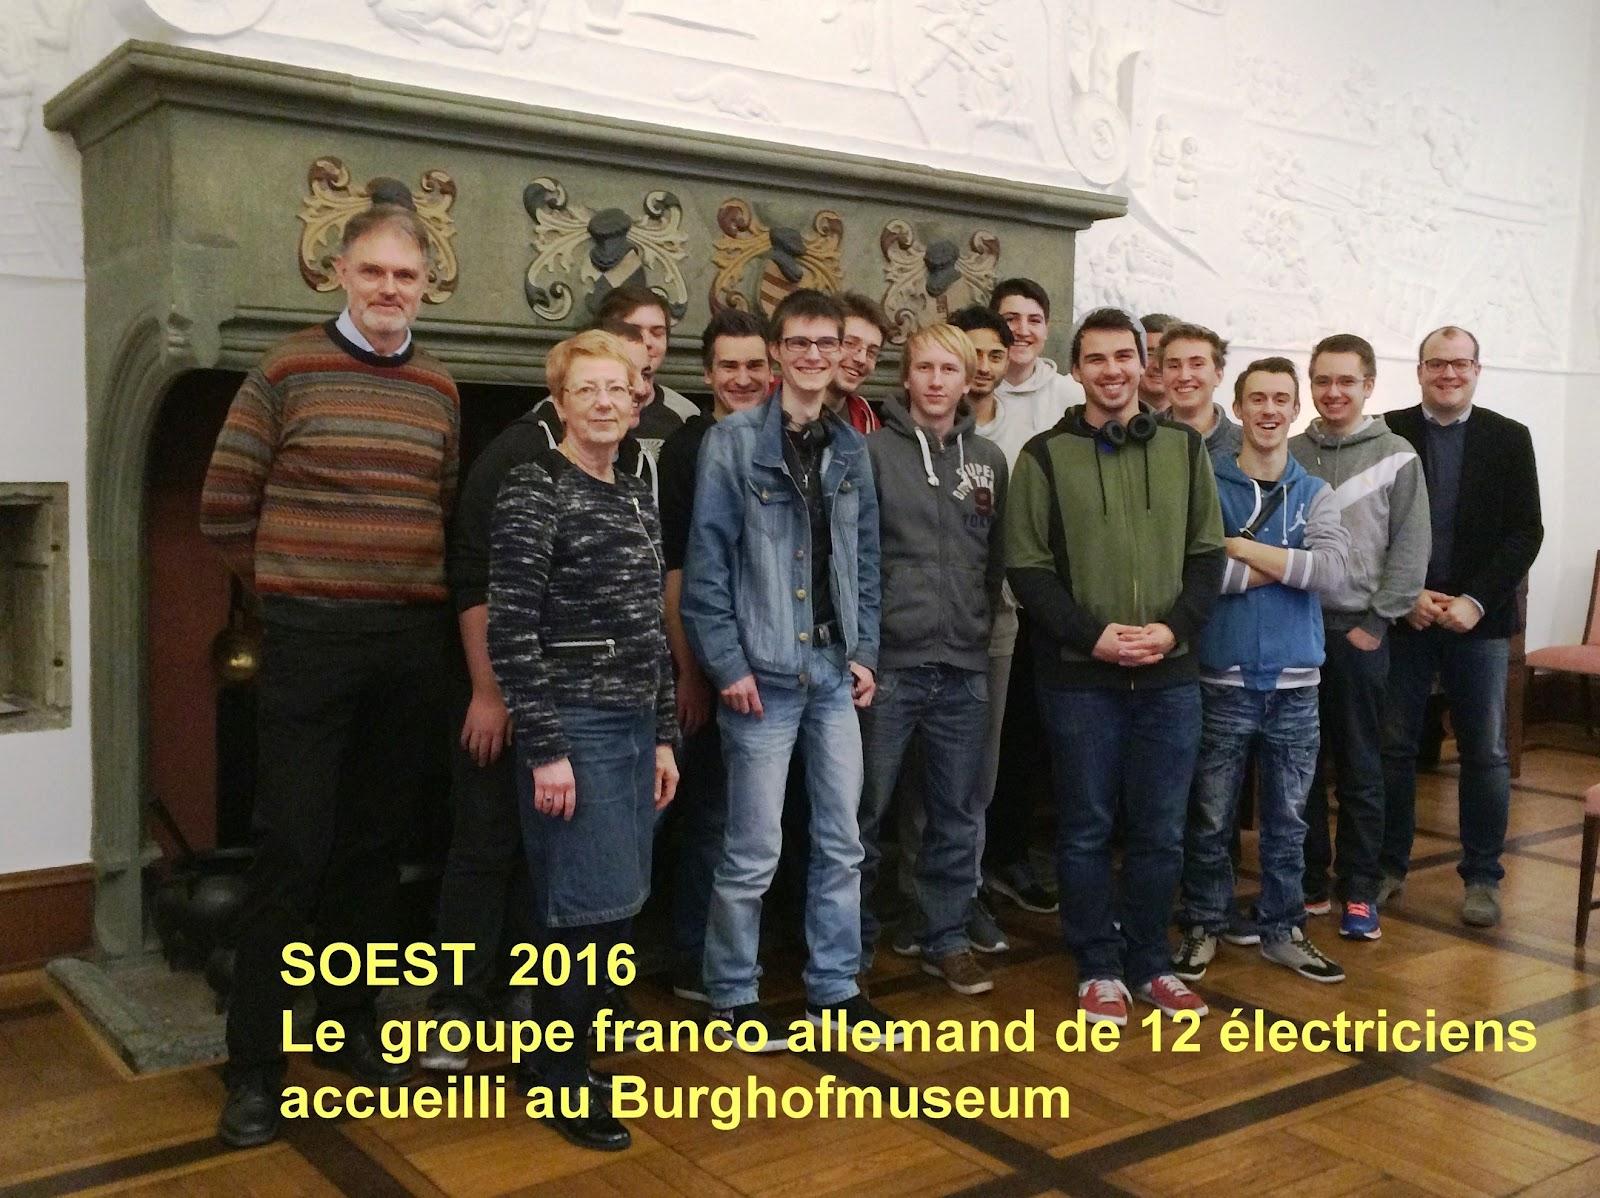 Stadt Soest Burghofmuseum 12-02-2016_3.jpg